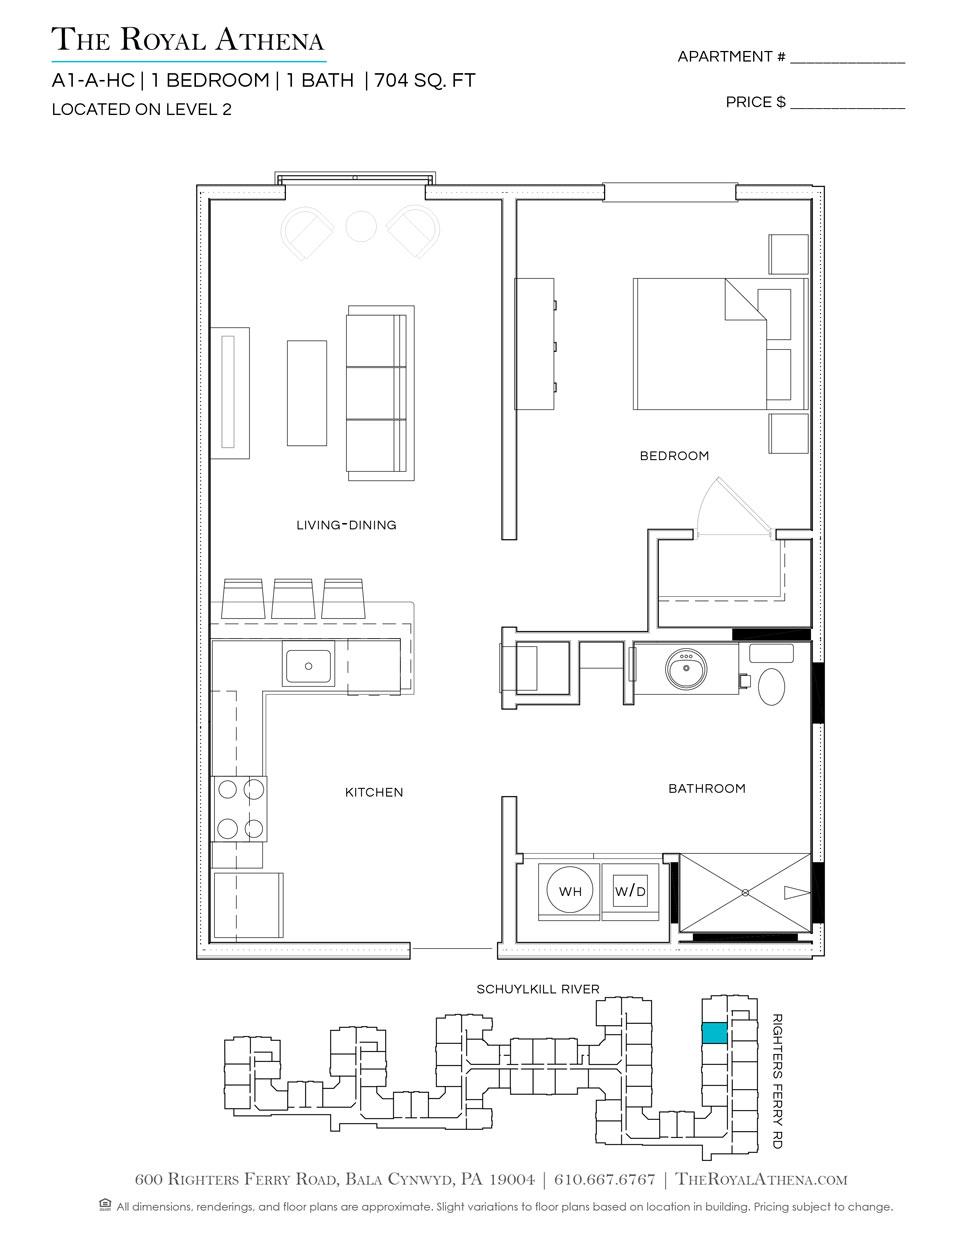 P0659218 a1 hc 2 floorplan